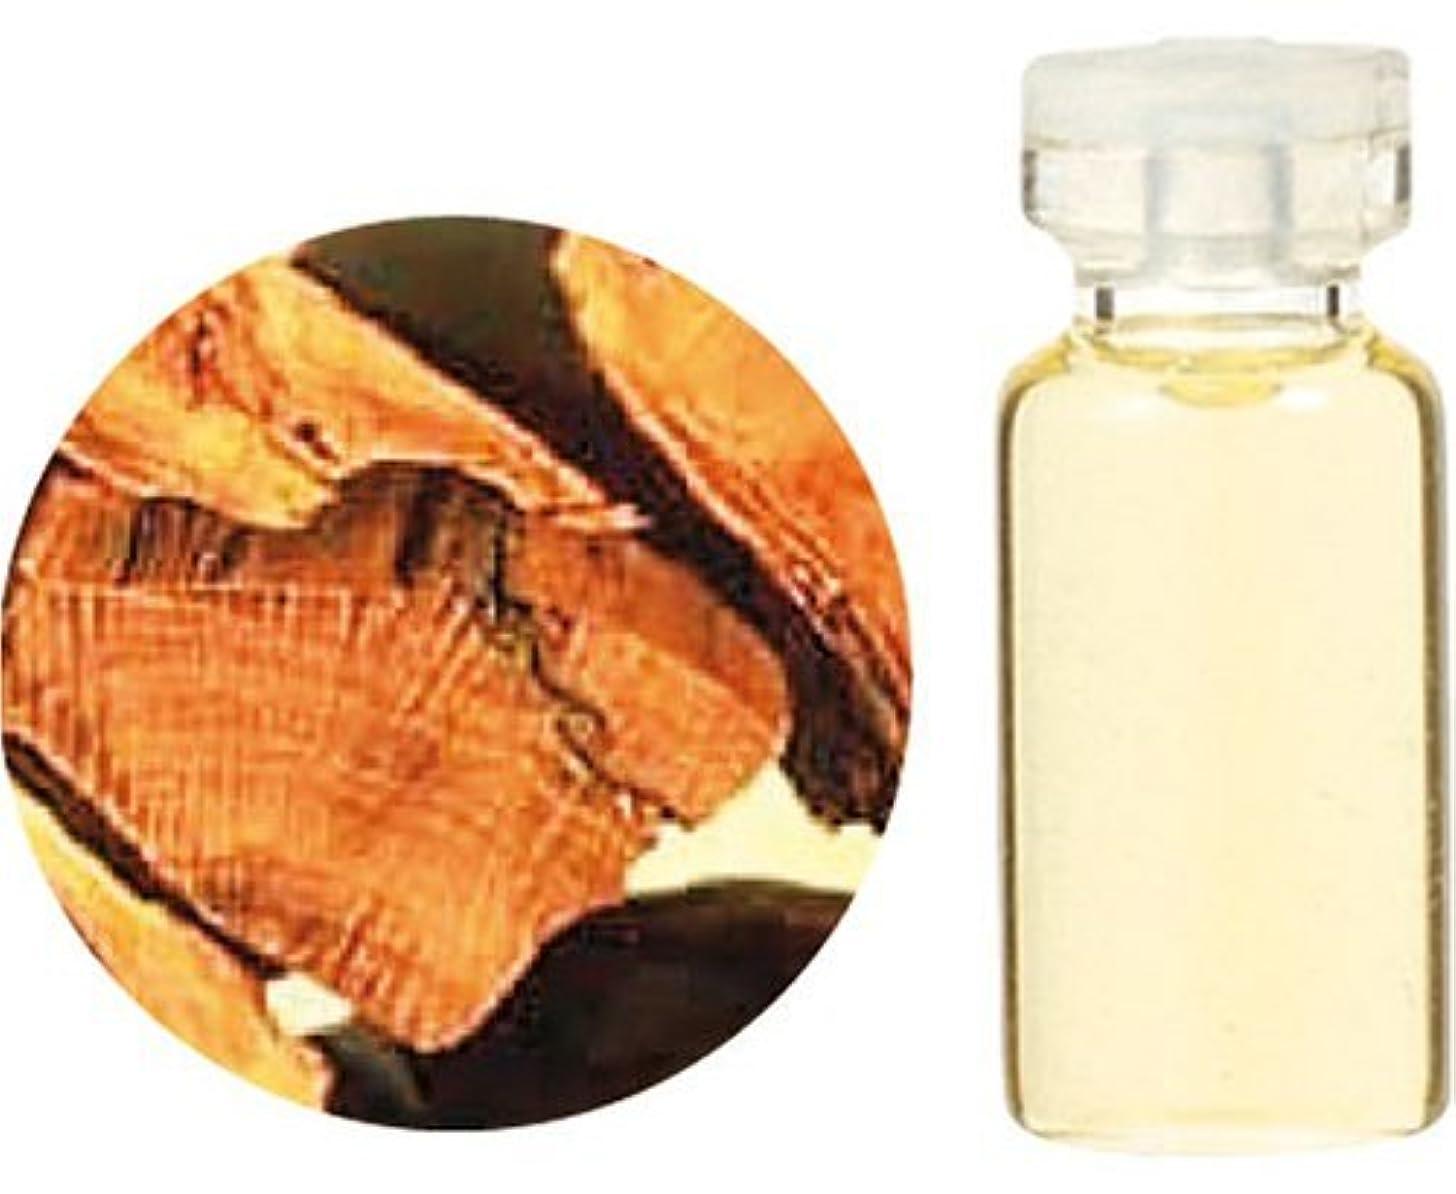 征服流出分泌する生活の木 C サンダル ウッド エッセンシャルオイル 3ml